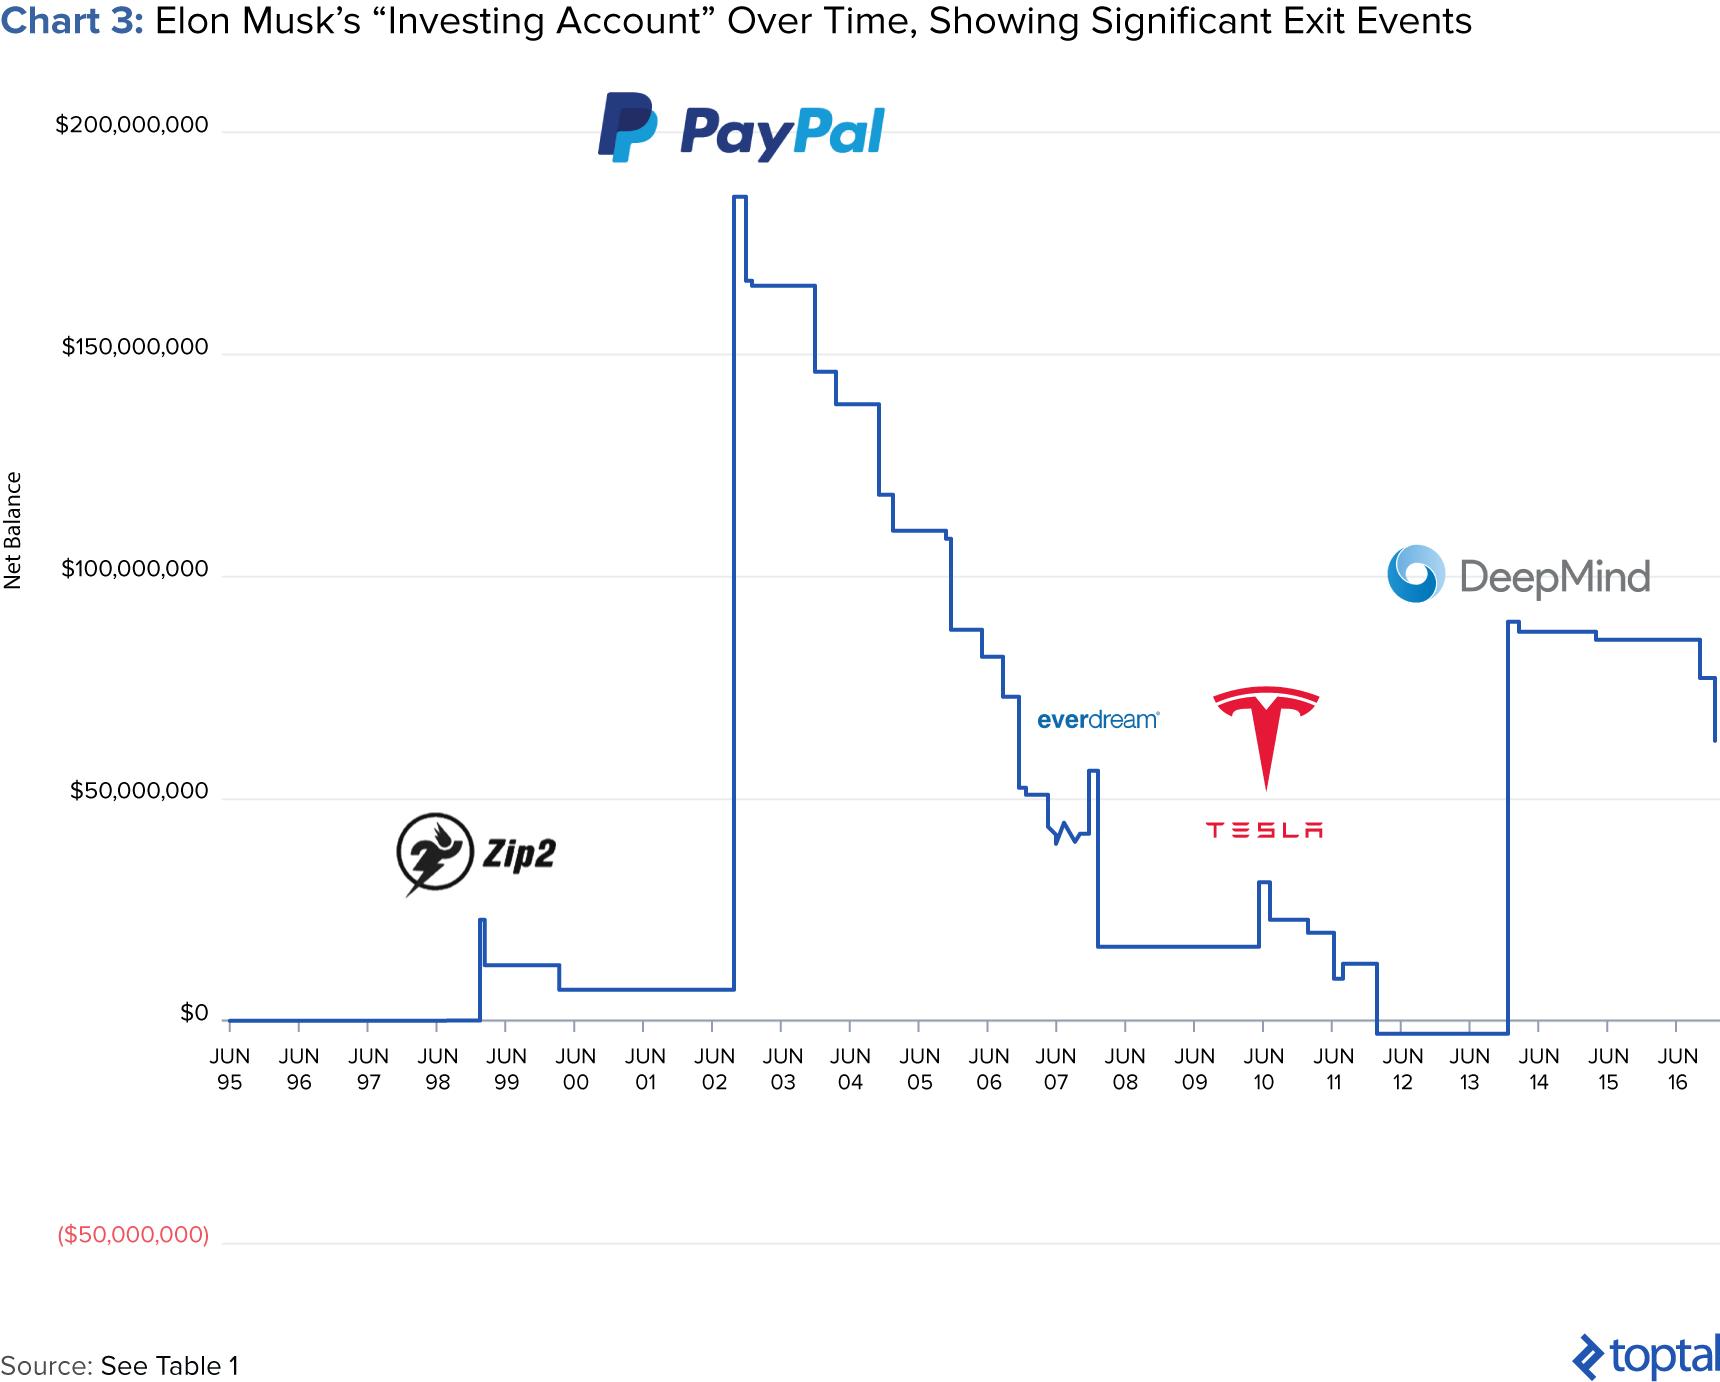 Chart 3: Elon Musk's